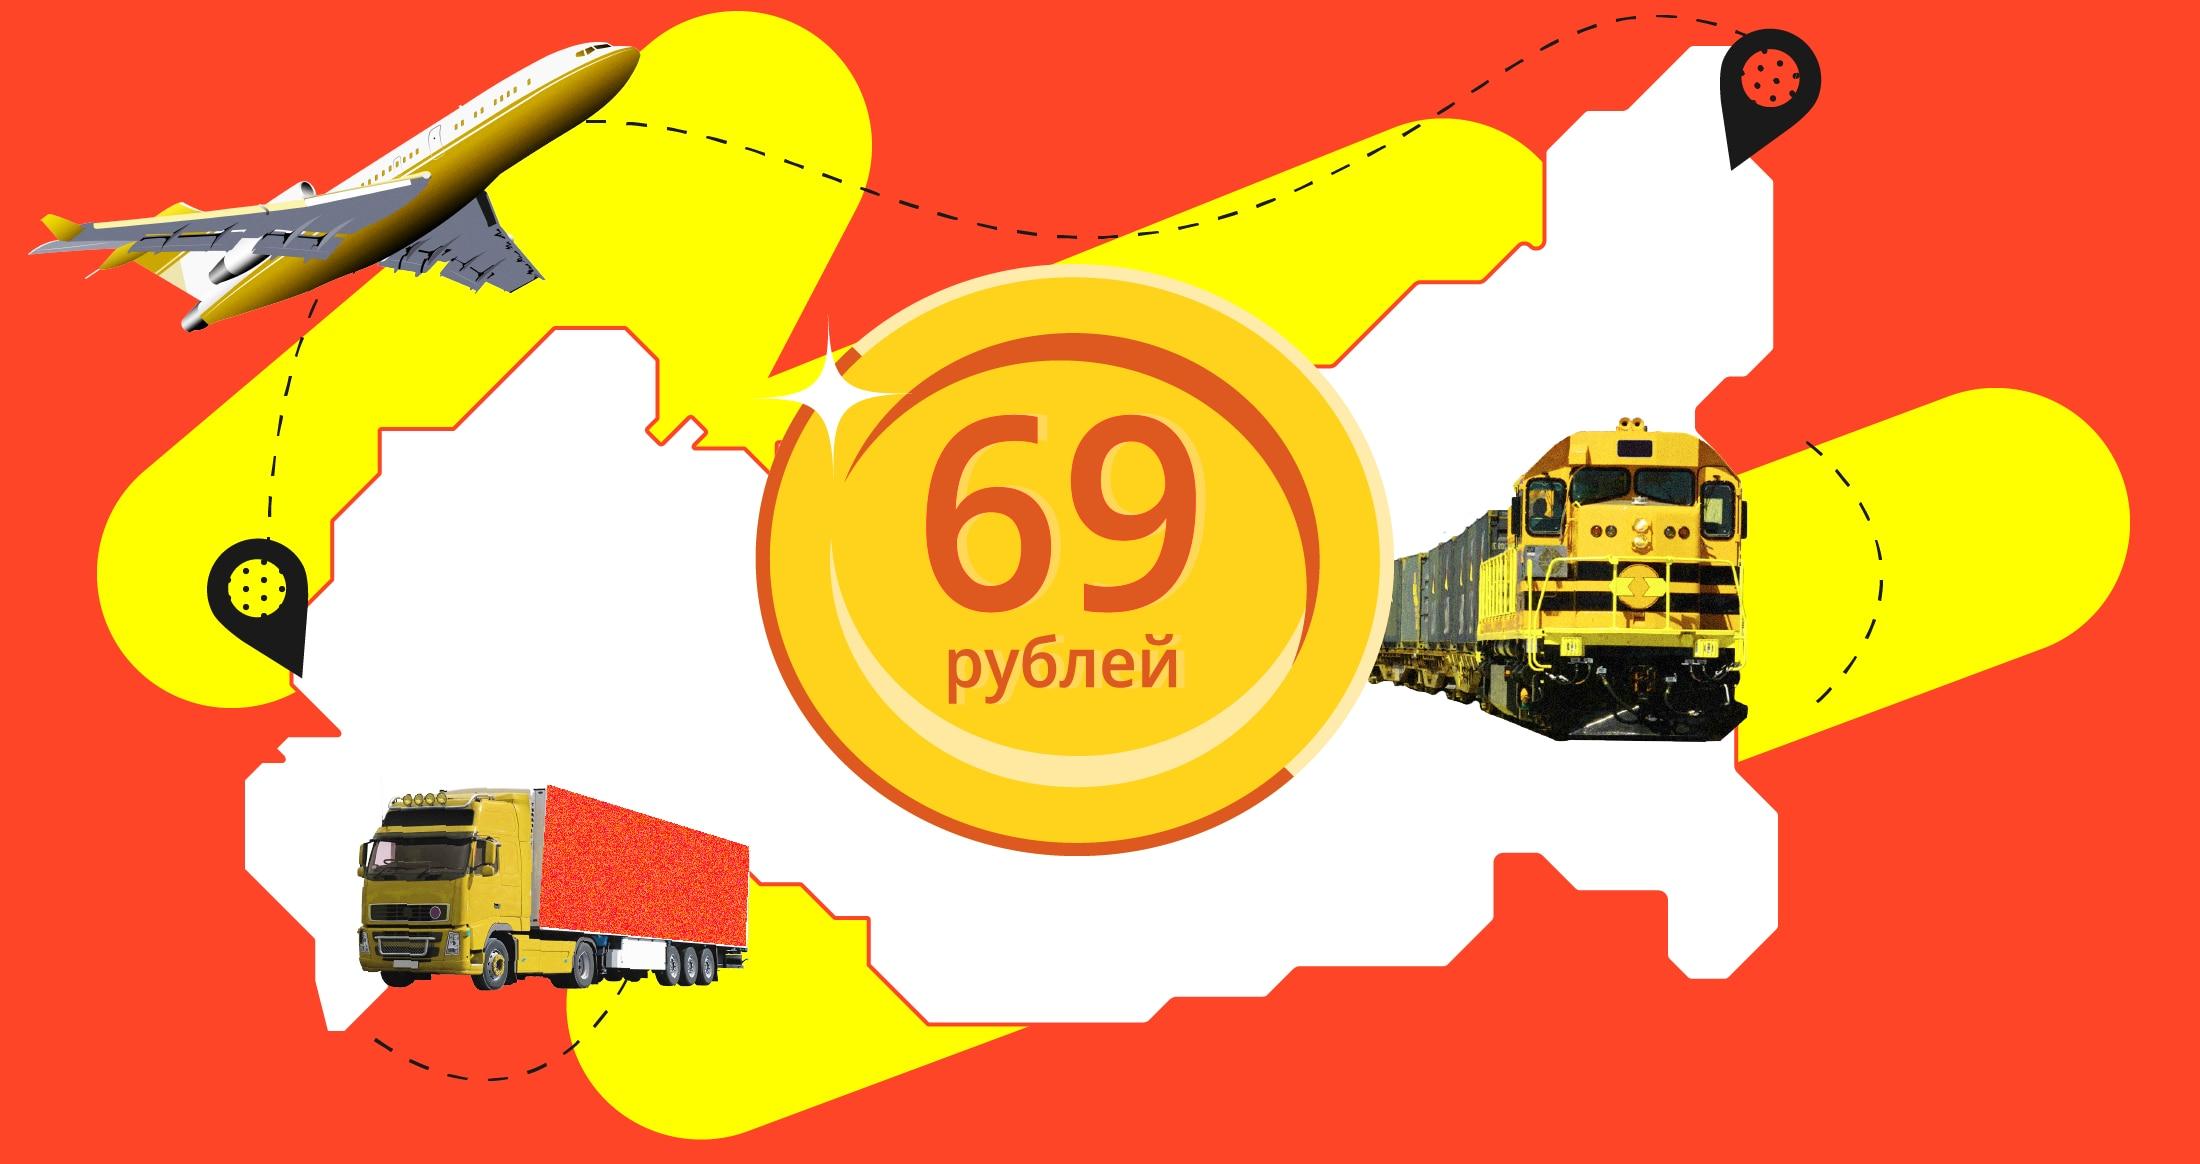 Как доставлять заказы по всей России за 69 рублей